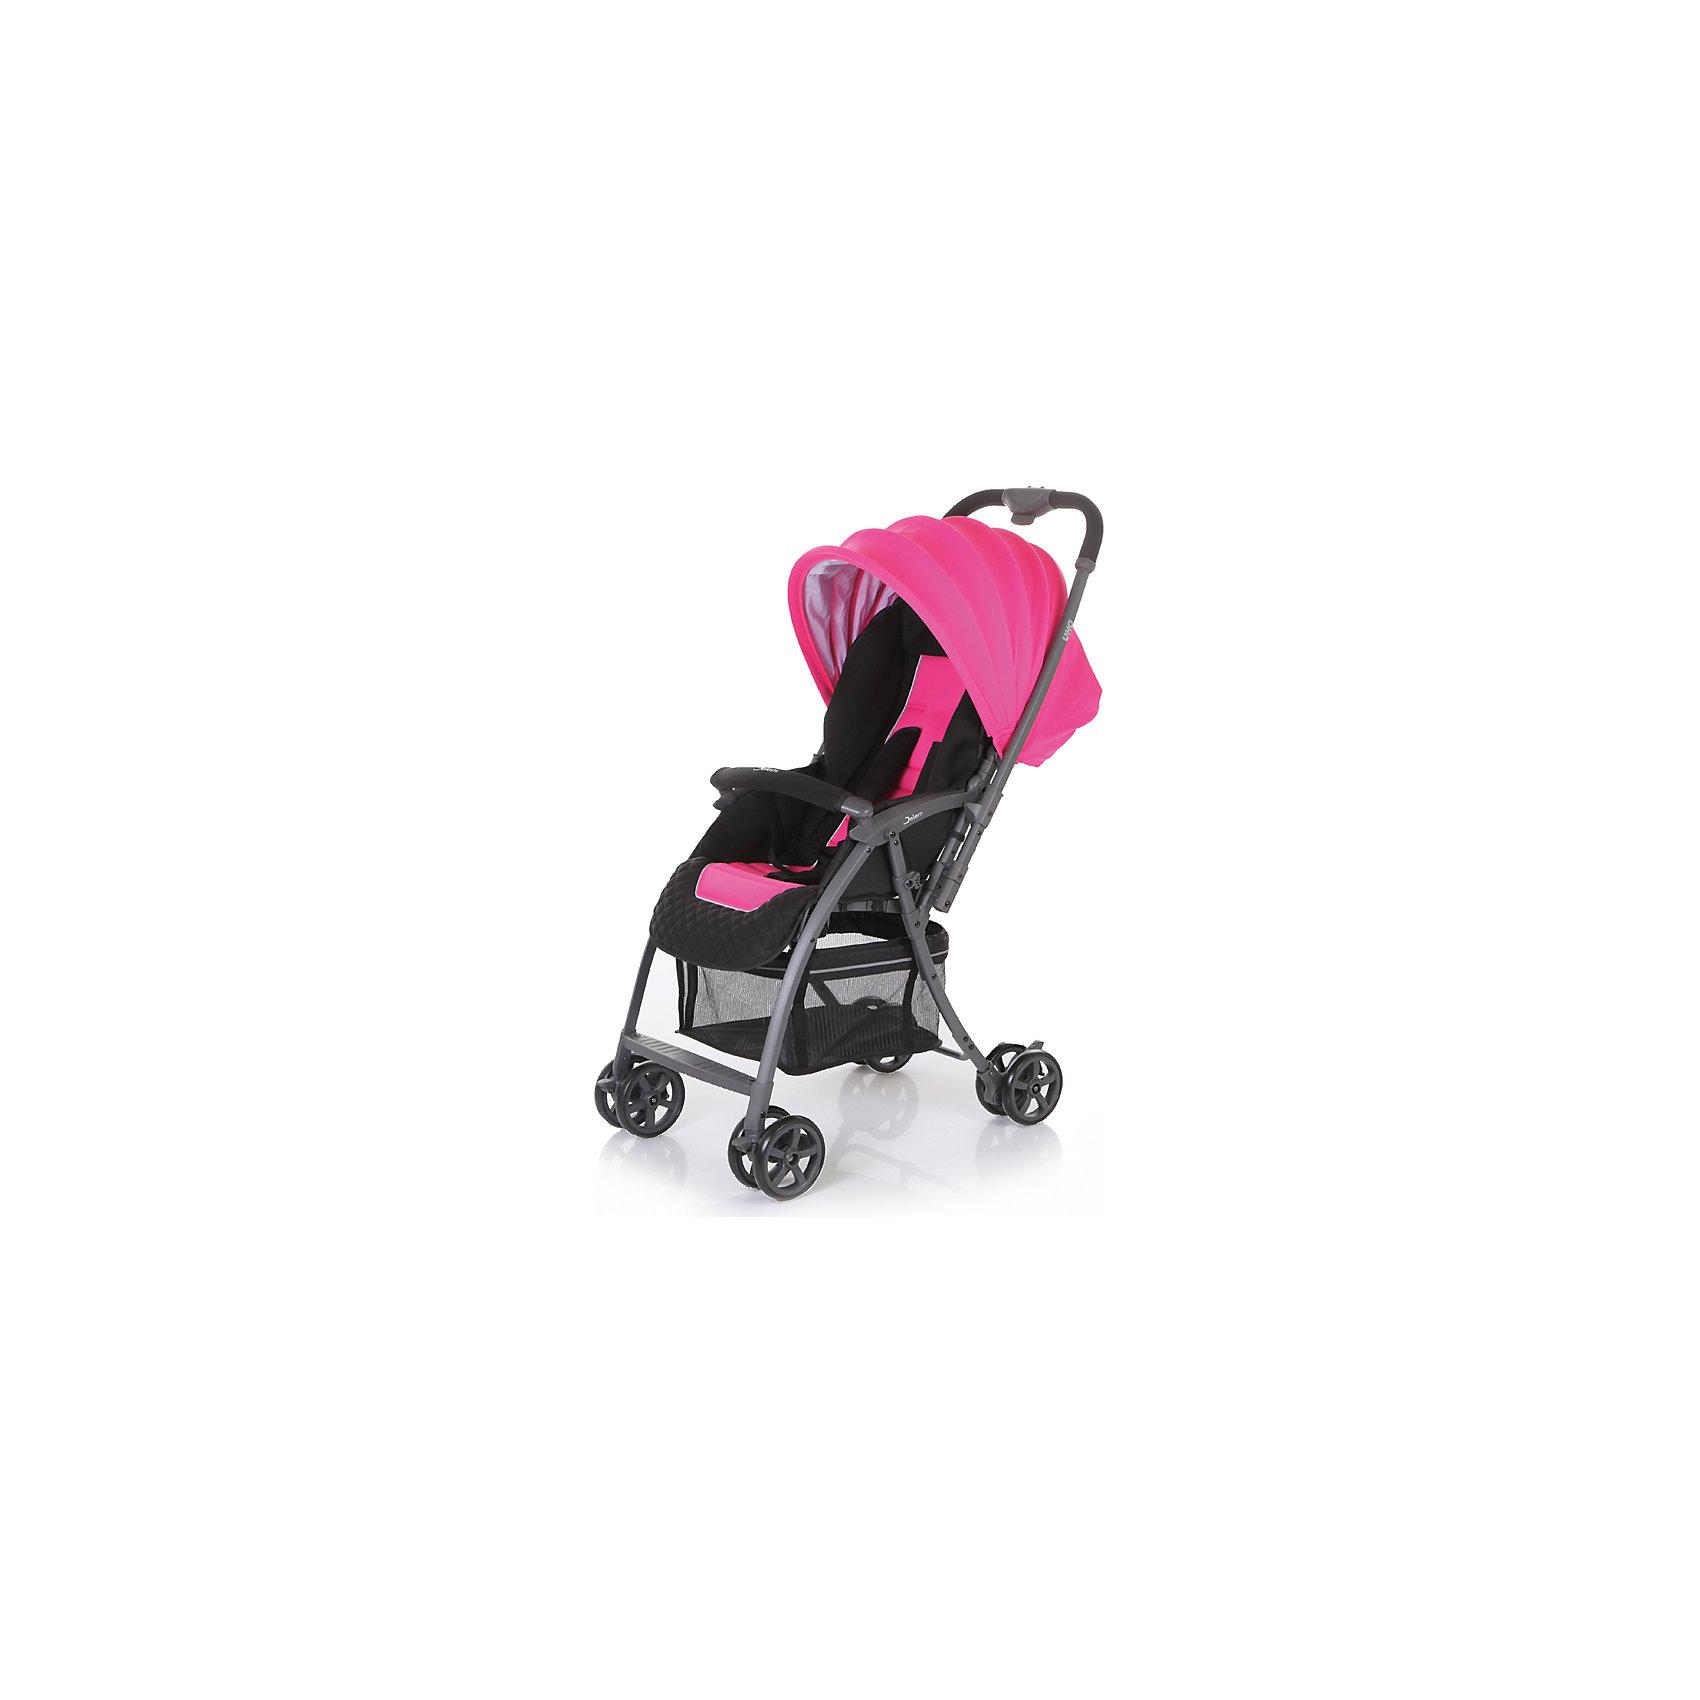 Jetem Прогулочная коляска Uno, Jetem, розовый jetem прогулочная коляска uno jetem розовый